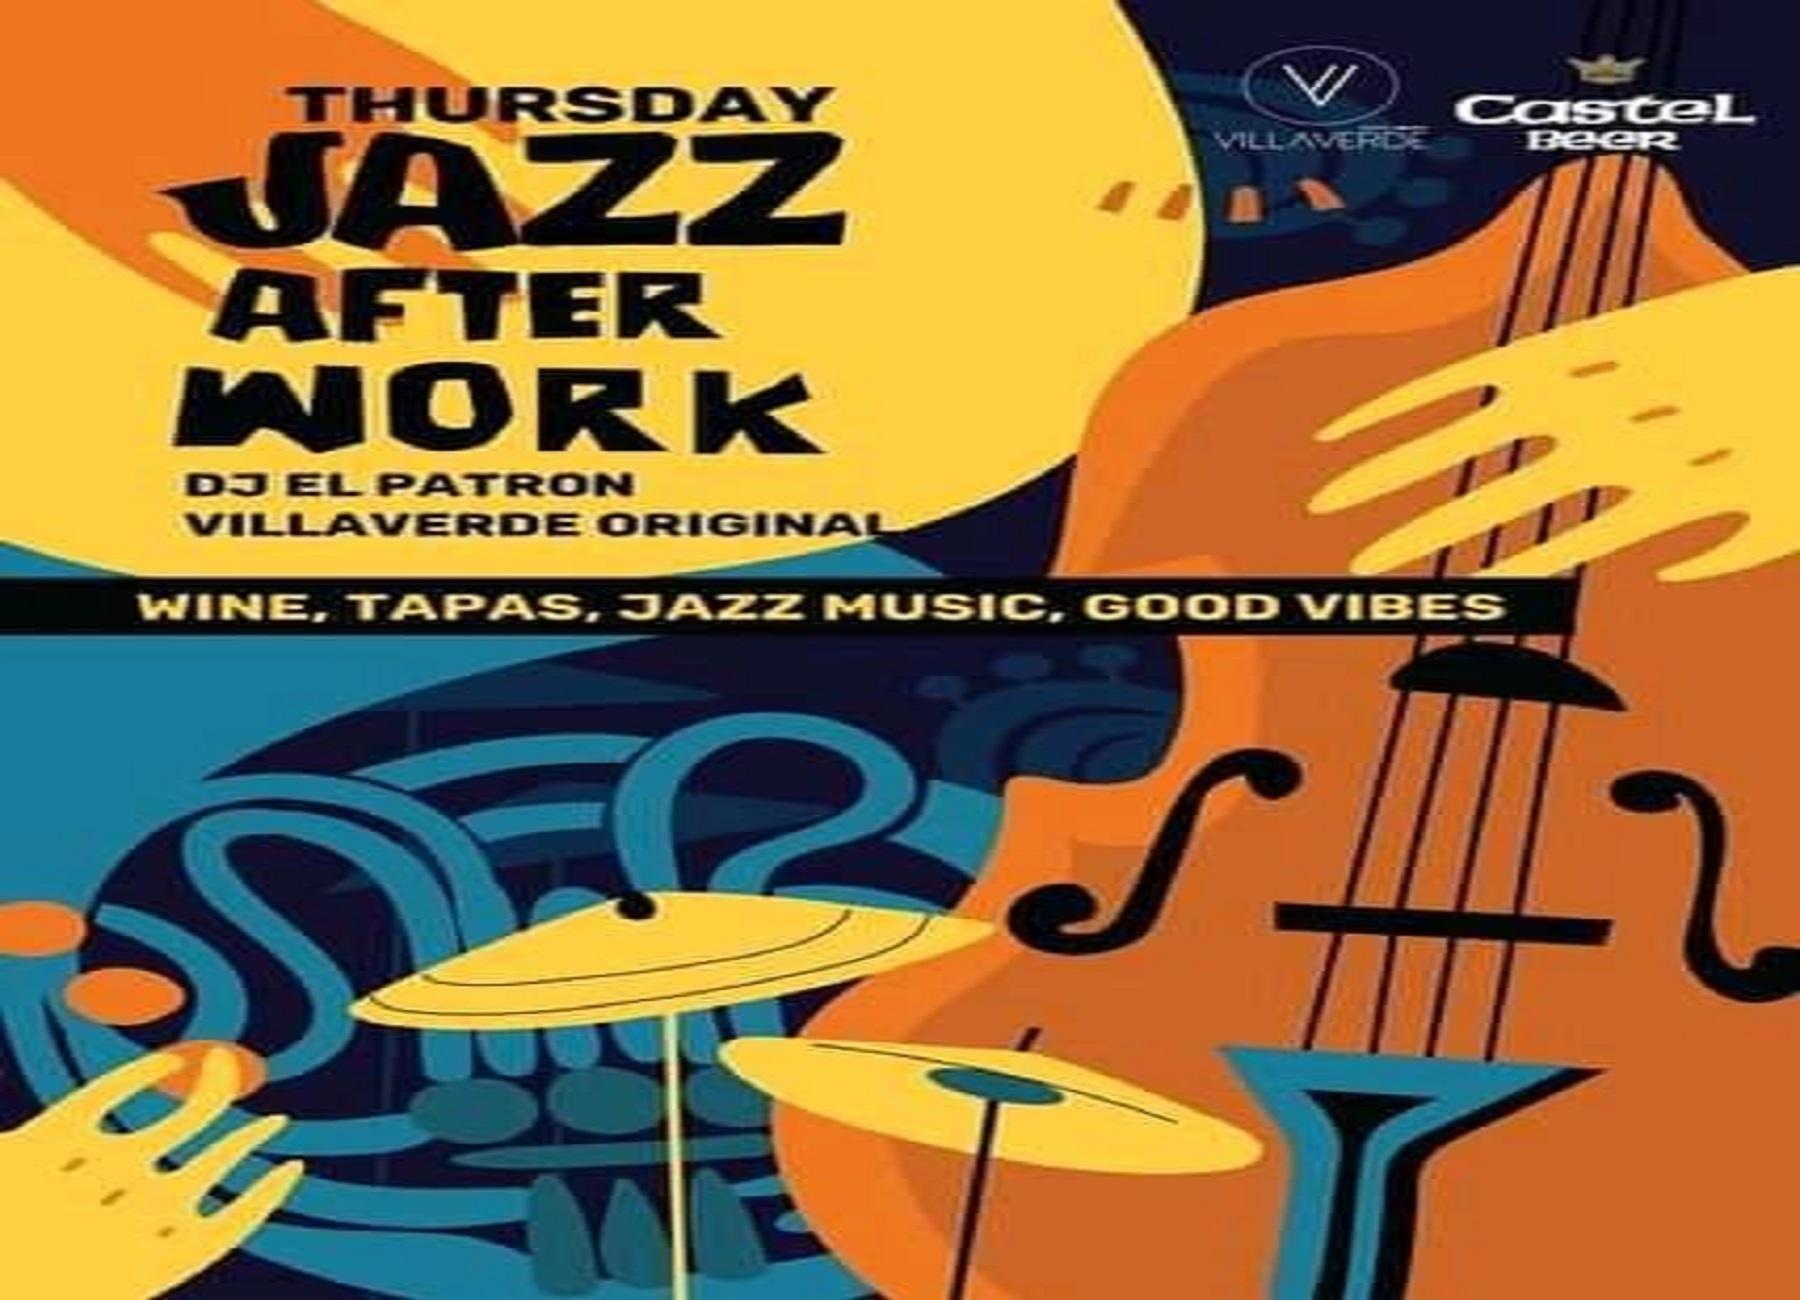 Thursday Jazz